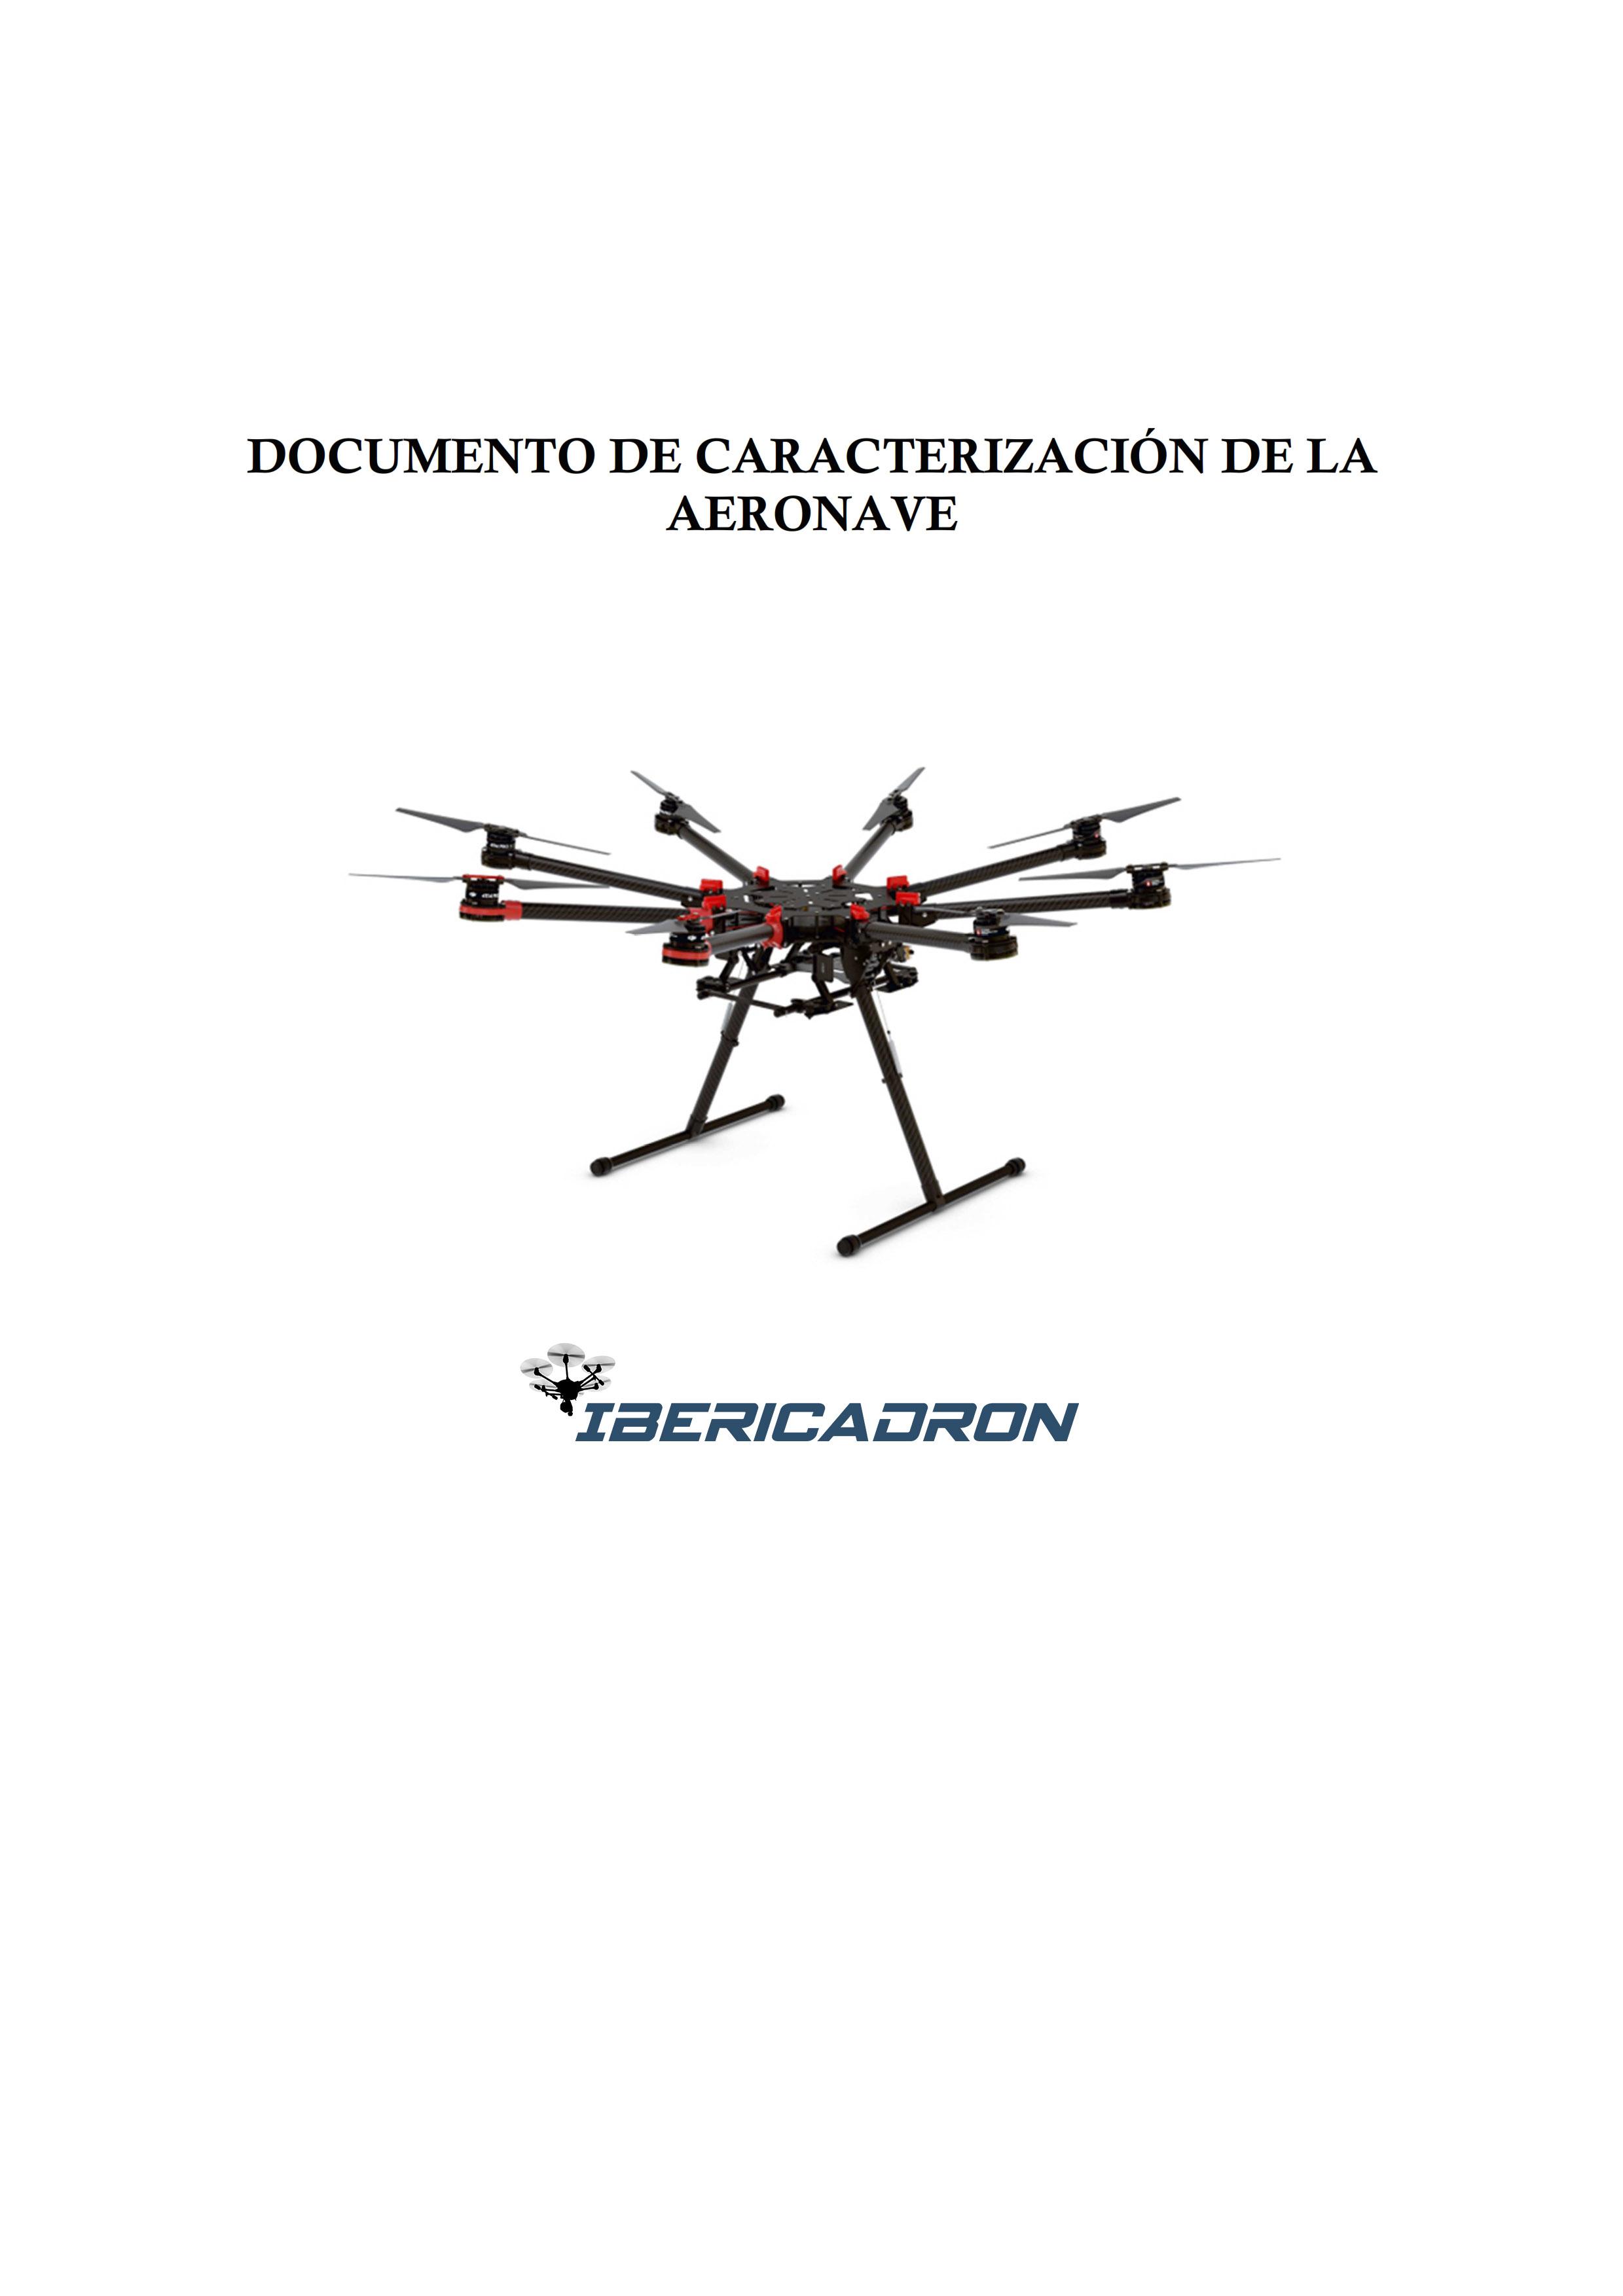 Documento caracterización DJI S1000